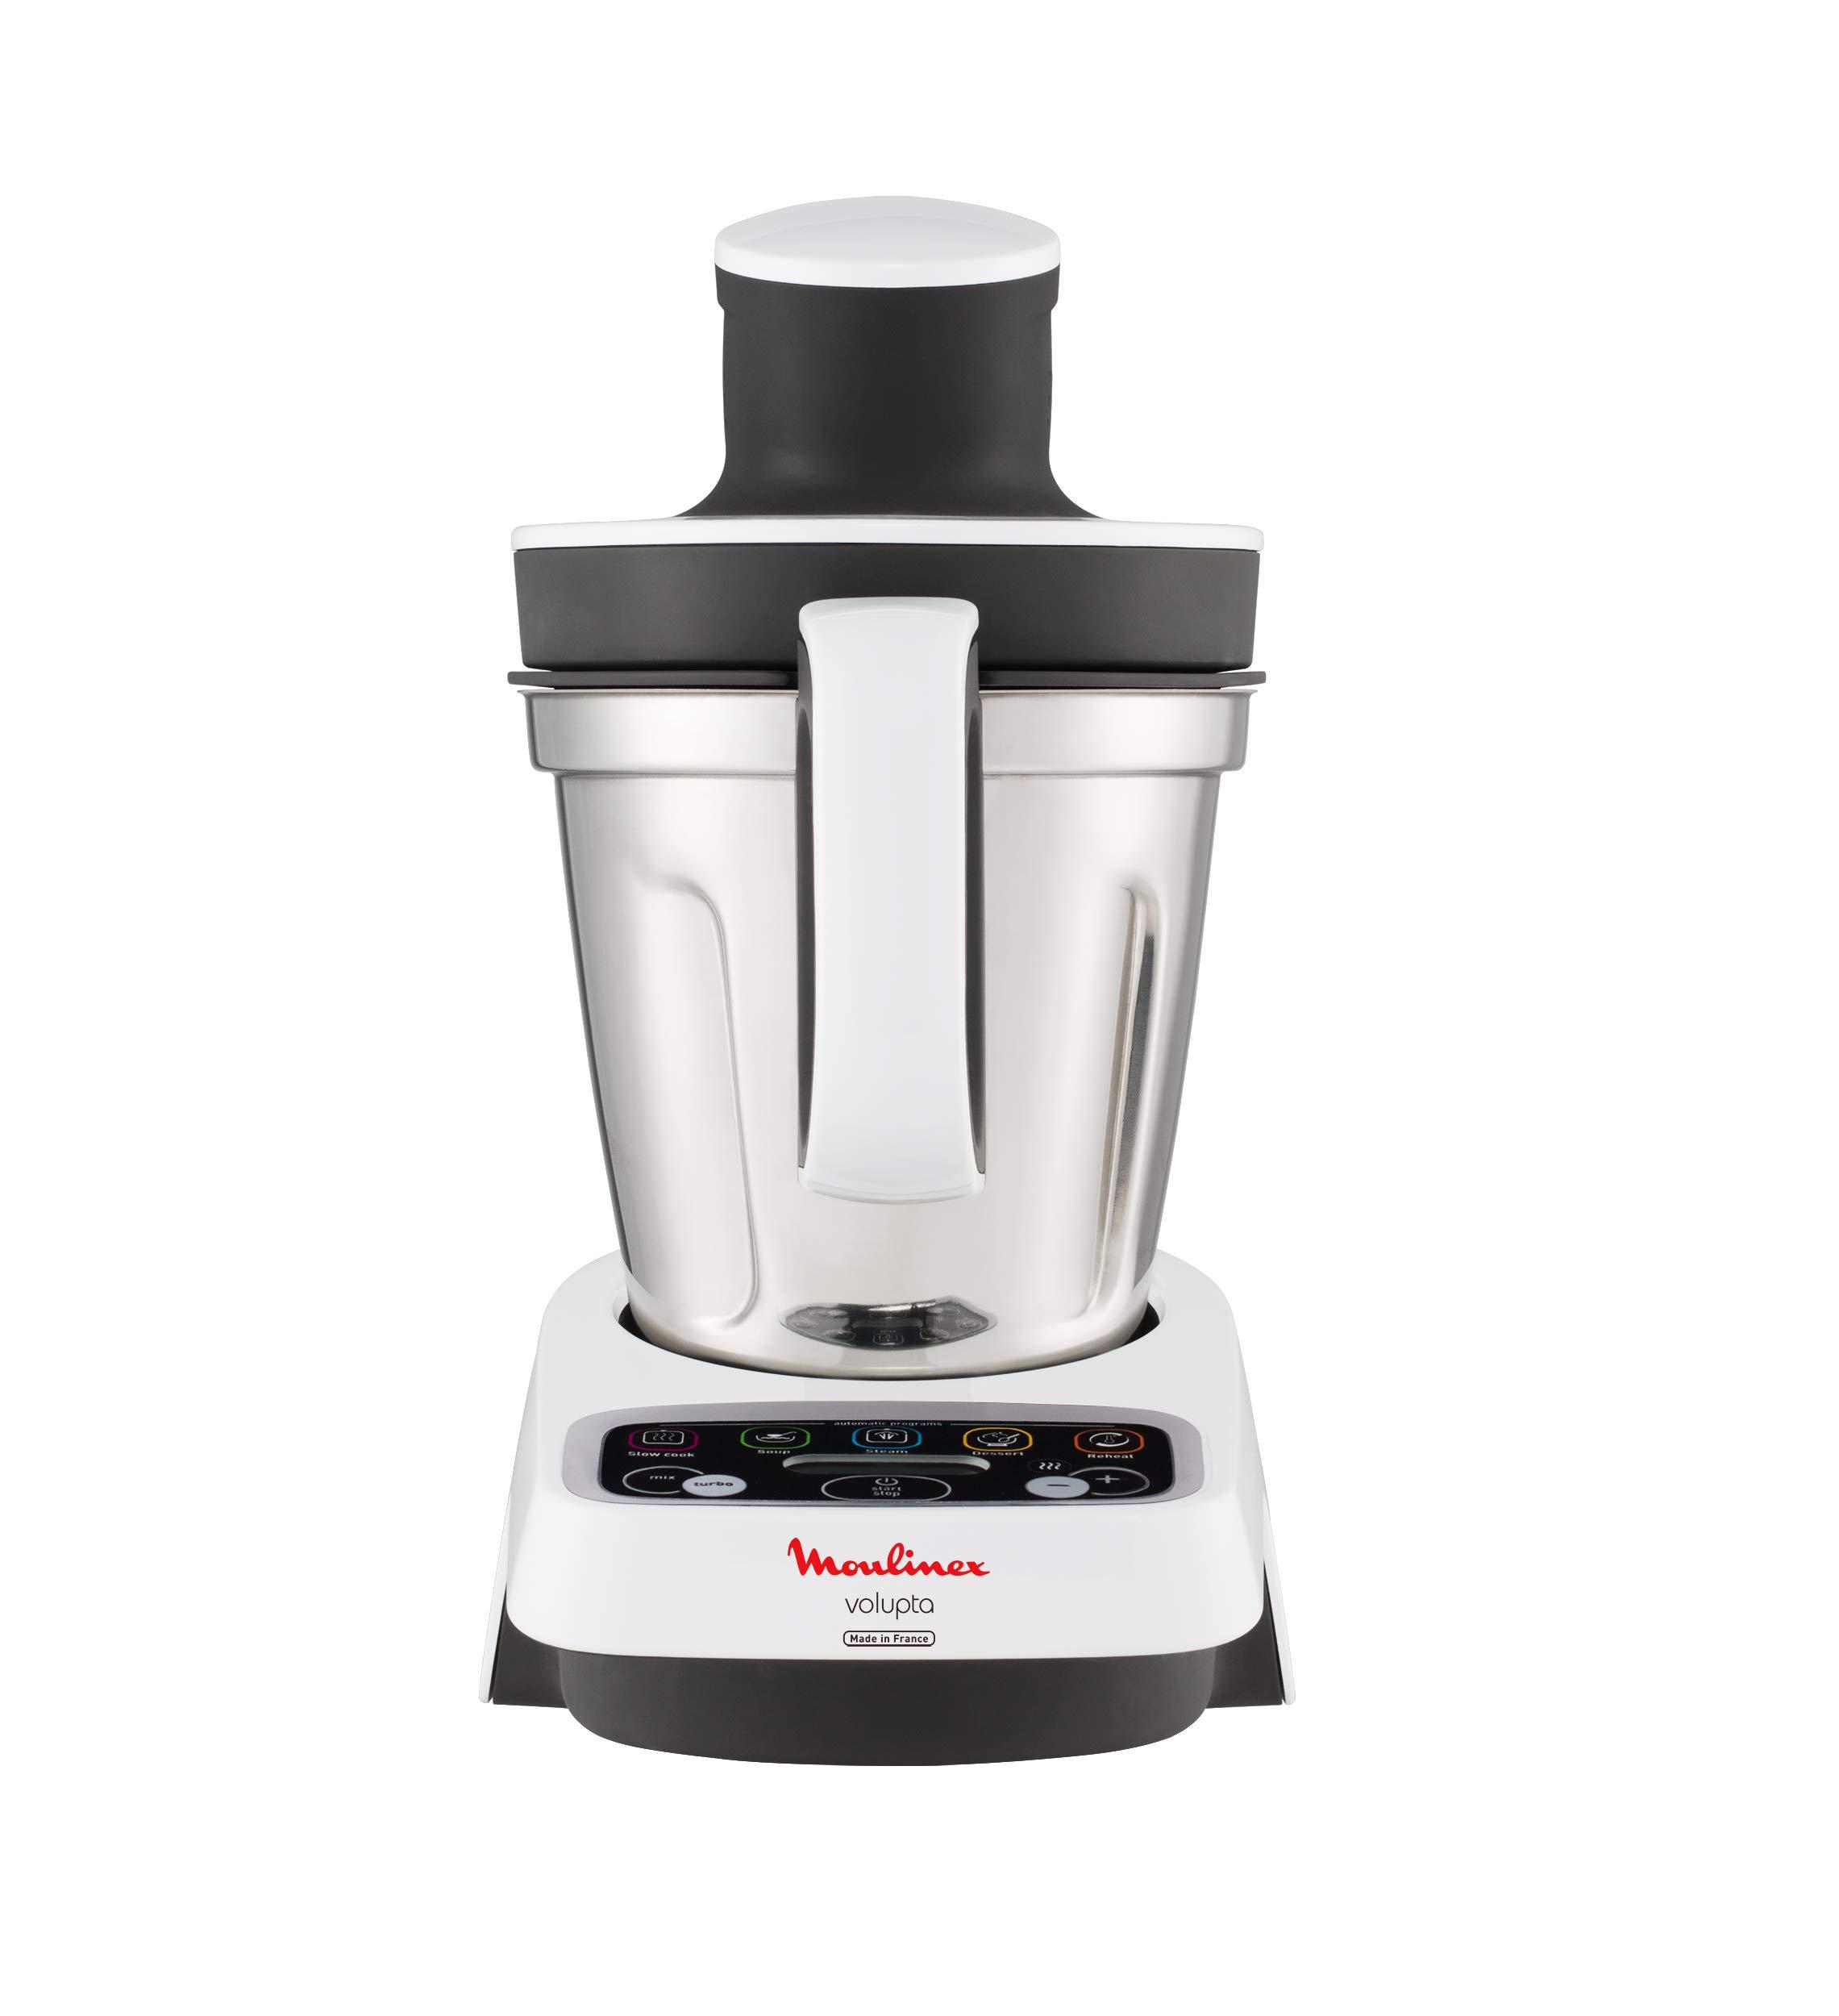 Moulinex-HF4041-Volupta-Multifunktionskchenmaschine-1000-Watt-15-l-Nutzkapazitt-weiDunkelgrau